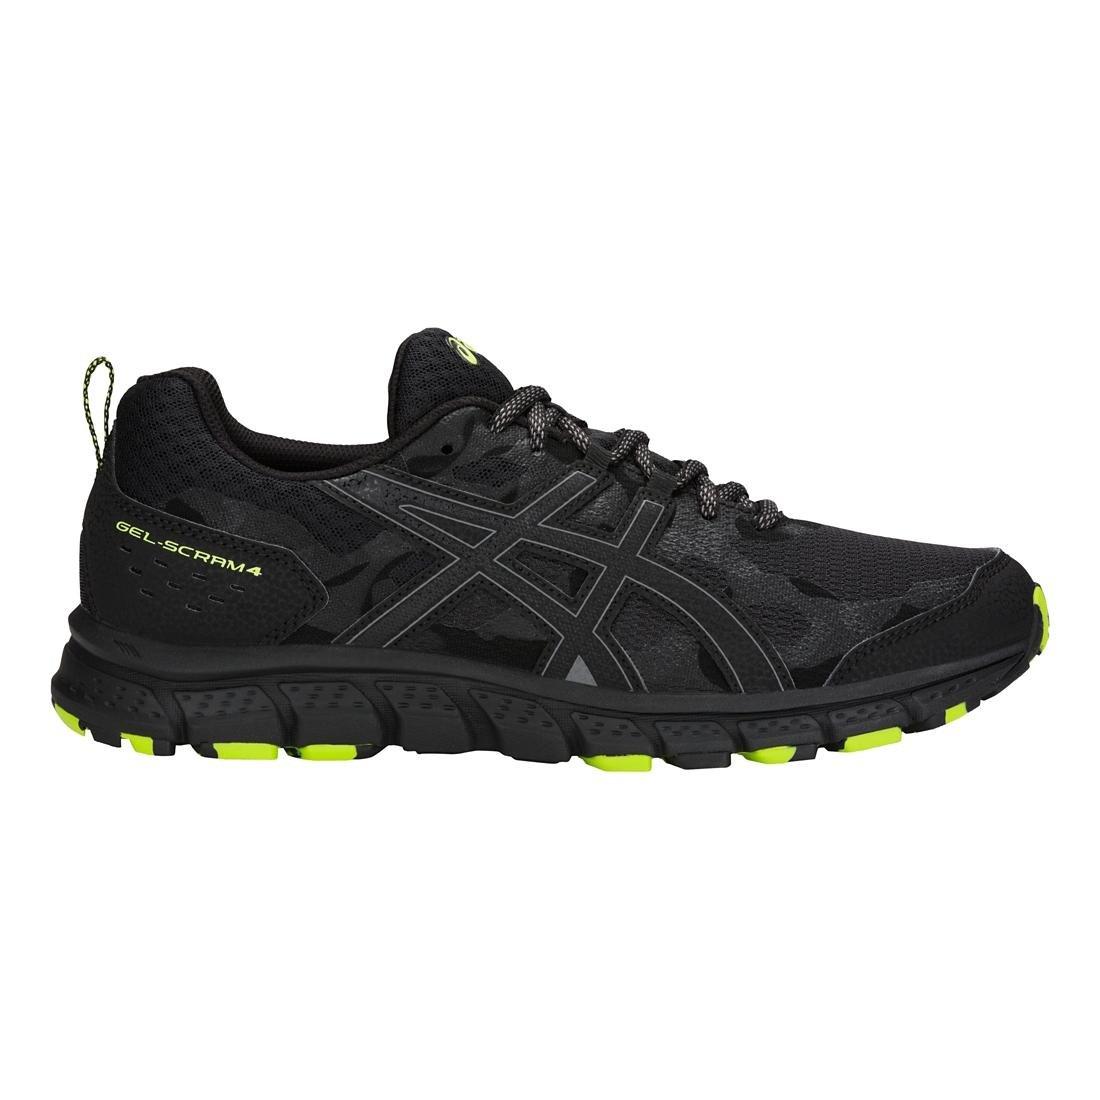 ASICS Gel Scram 4 Mens Running Shoe 1011A045